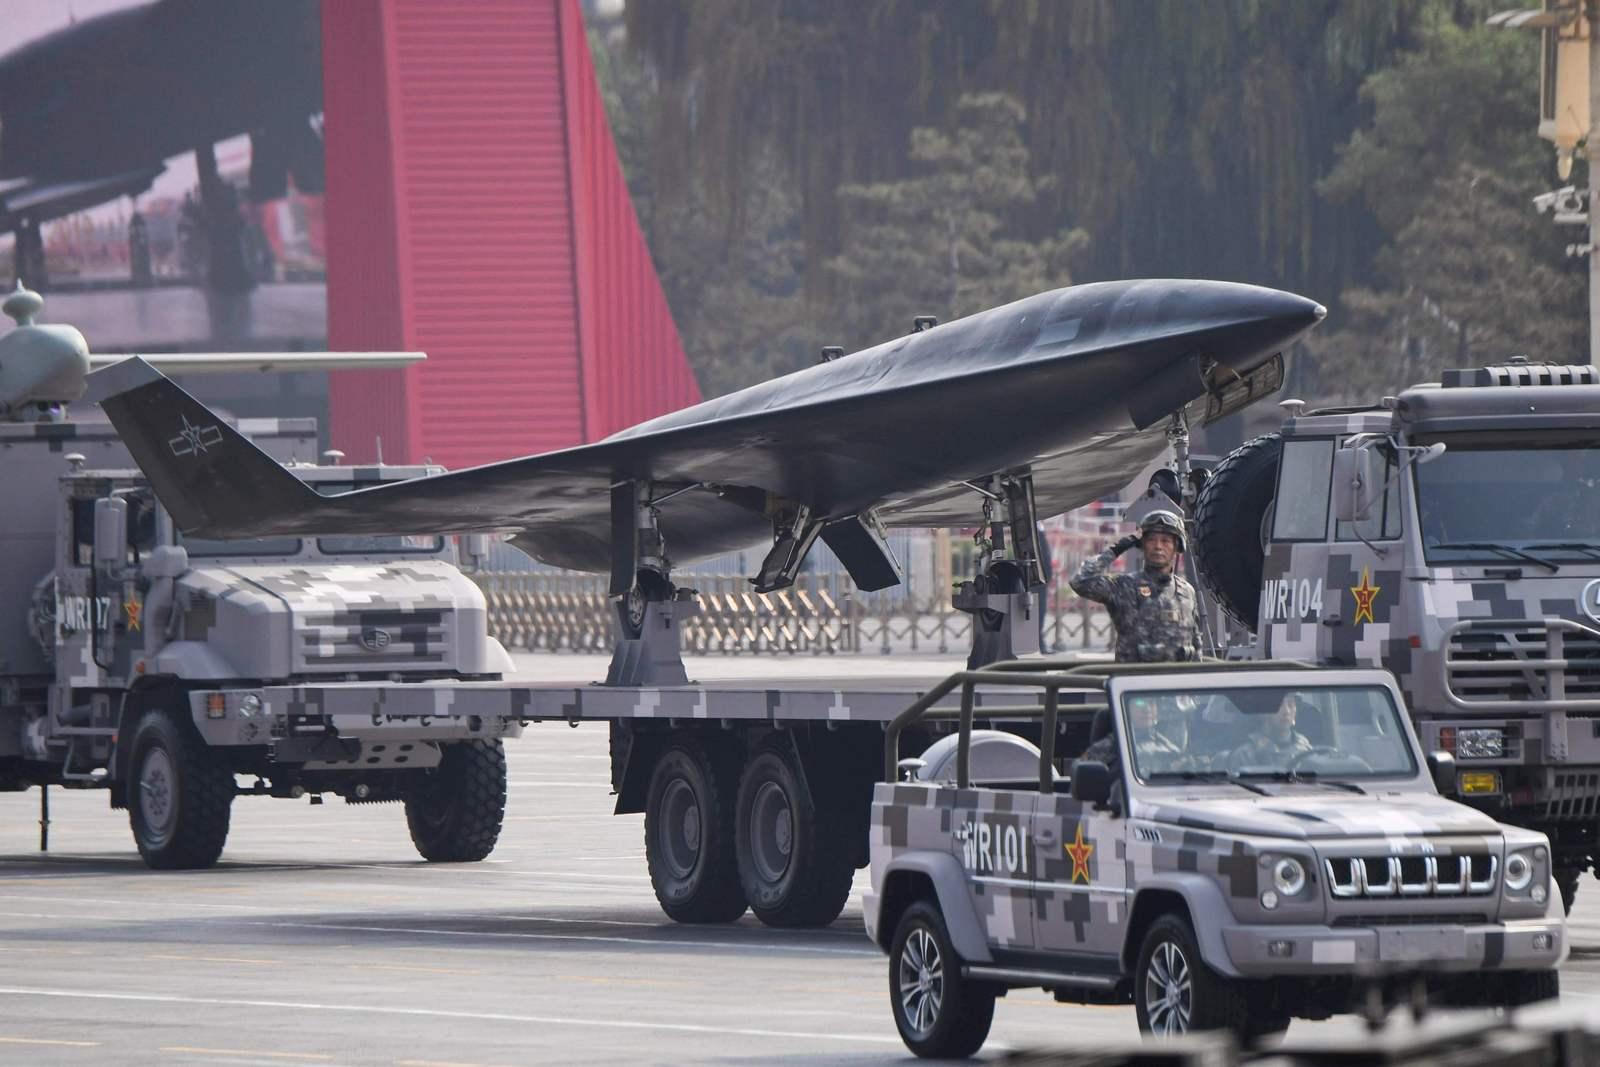 中国无侦8无人机牛在哪?可协同卫星实时侦察大地,设计全球唯一